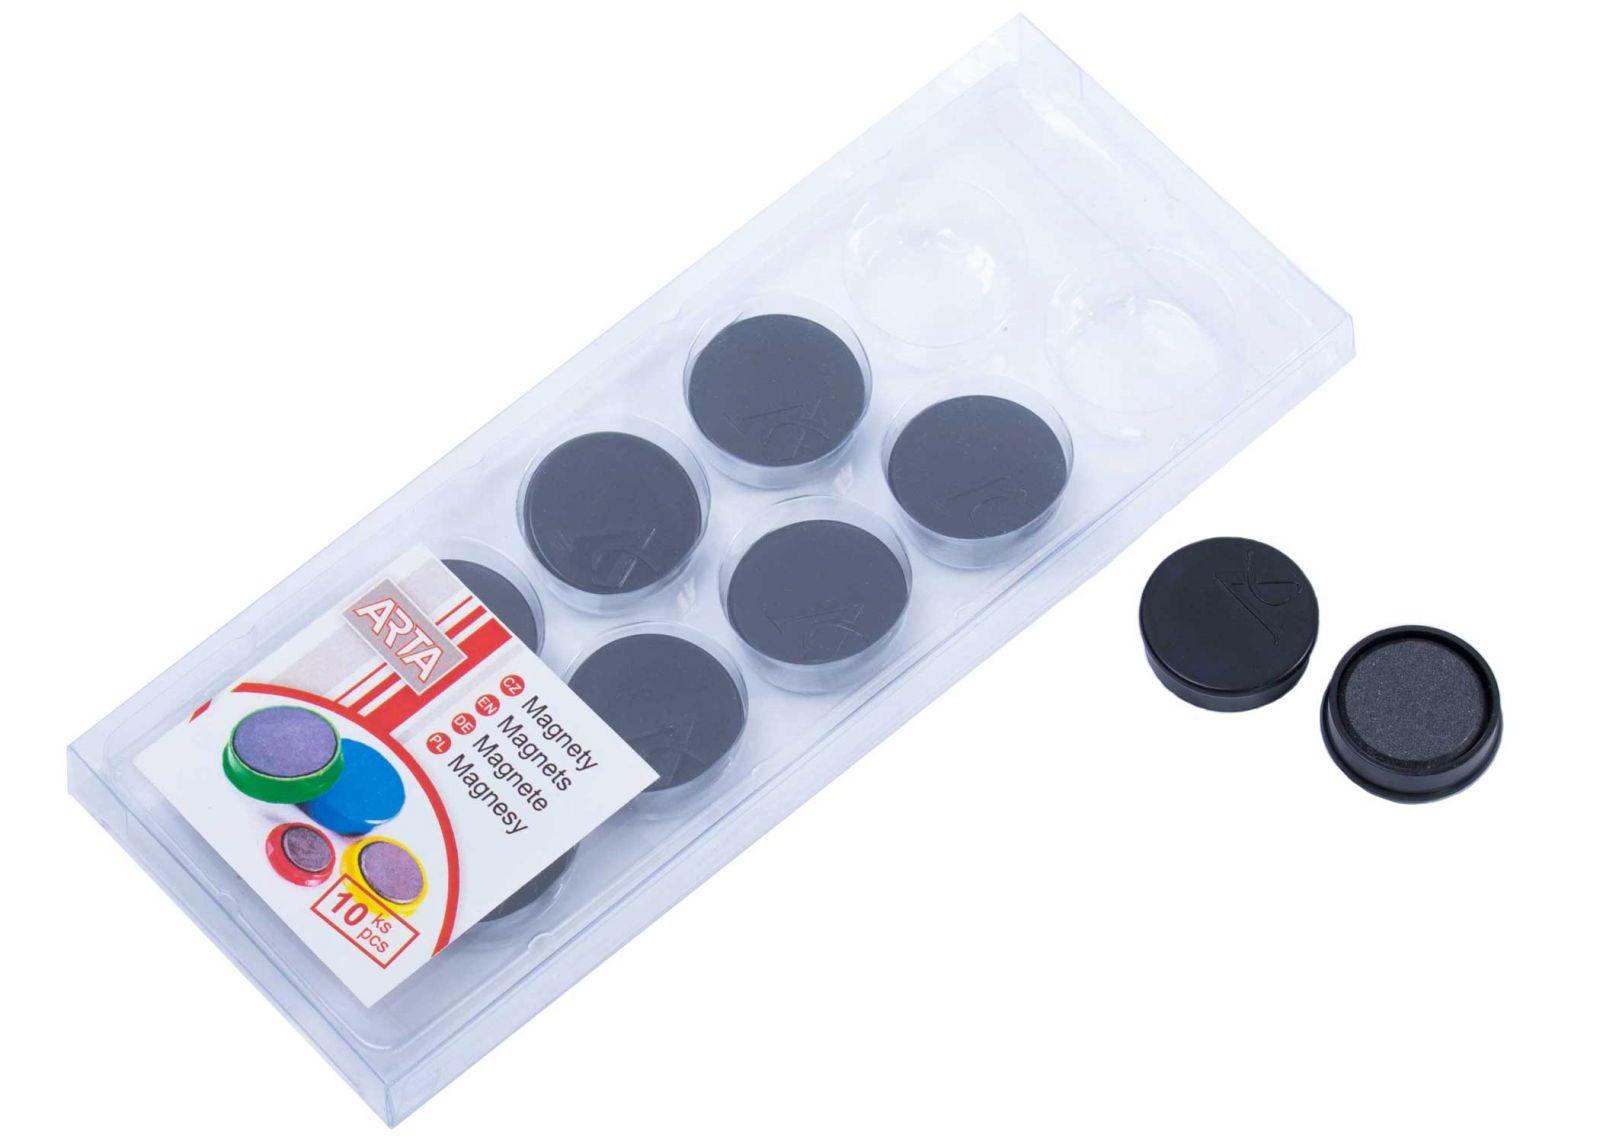 Magnety ARTA průměr 25mm, černé (10ks v balení)